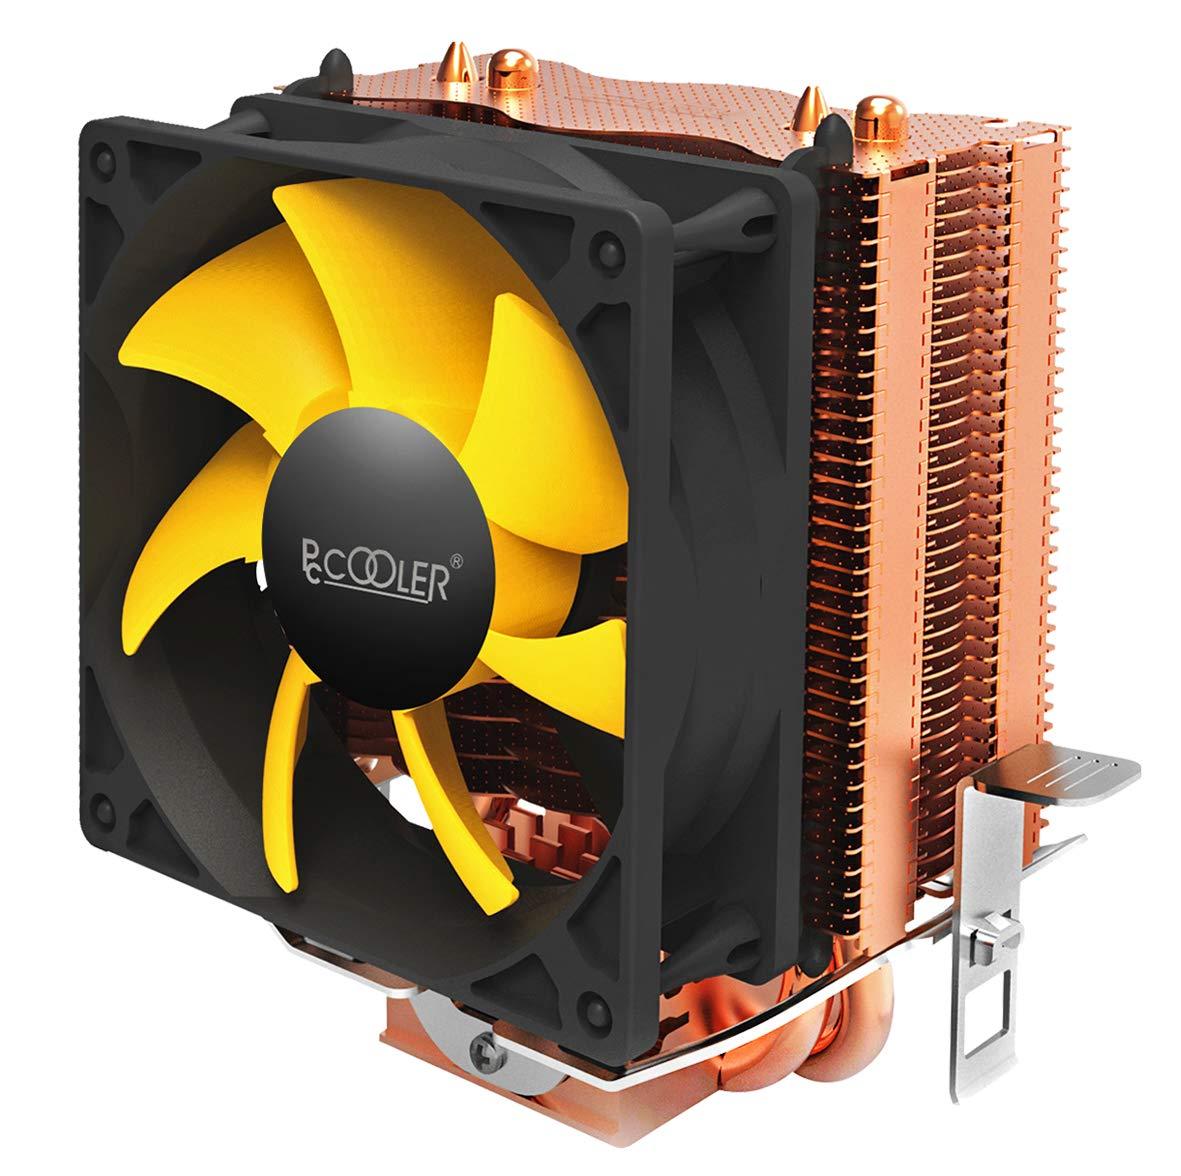 Pccooler S83 CPU Cooler Mini CPU Heatsink TDP 95w Single ...